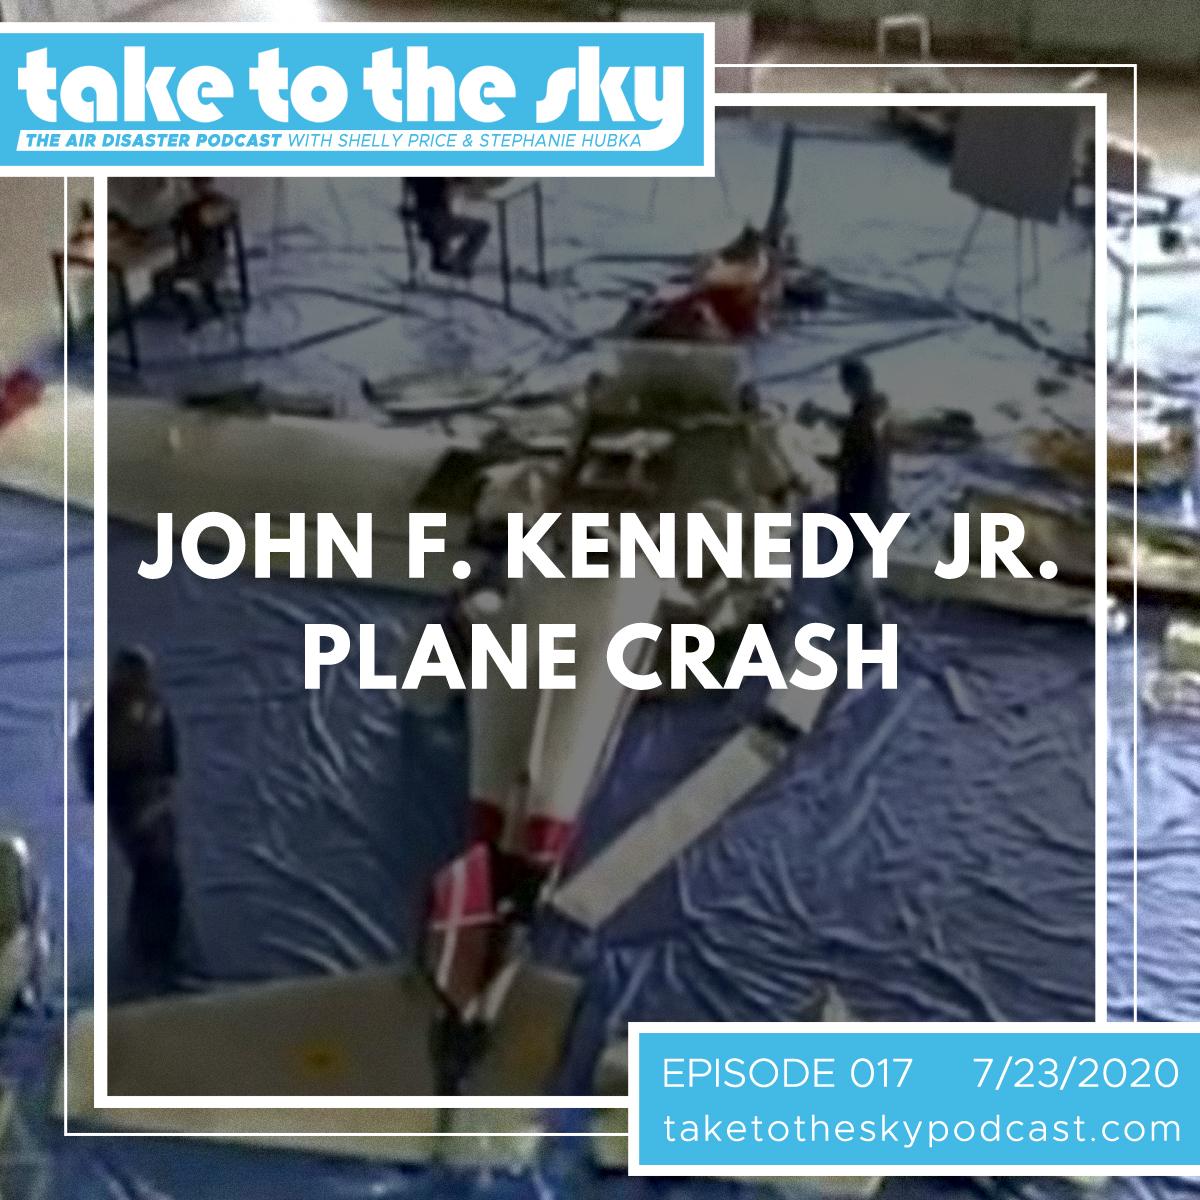 Take to the Sky Episode 017: John F. Kennedy Jr. Plane Crash